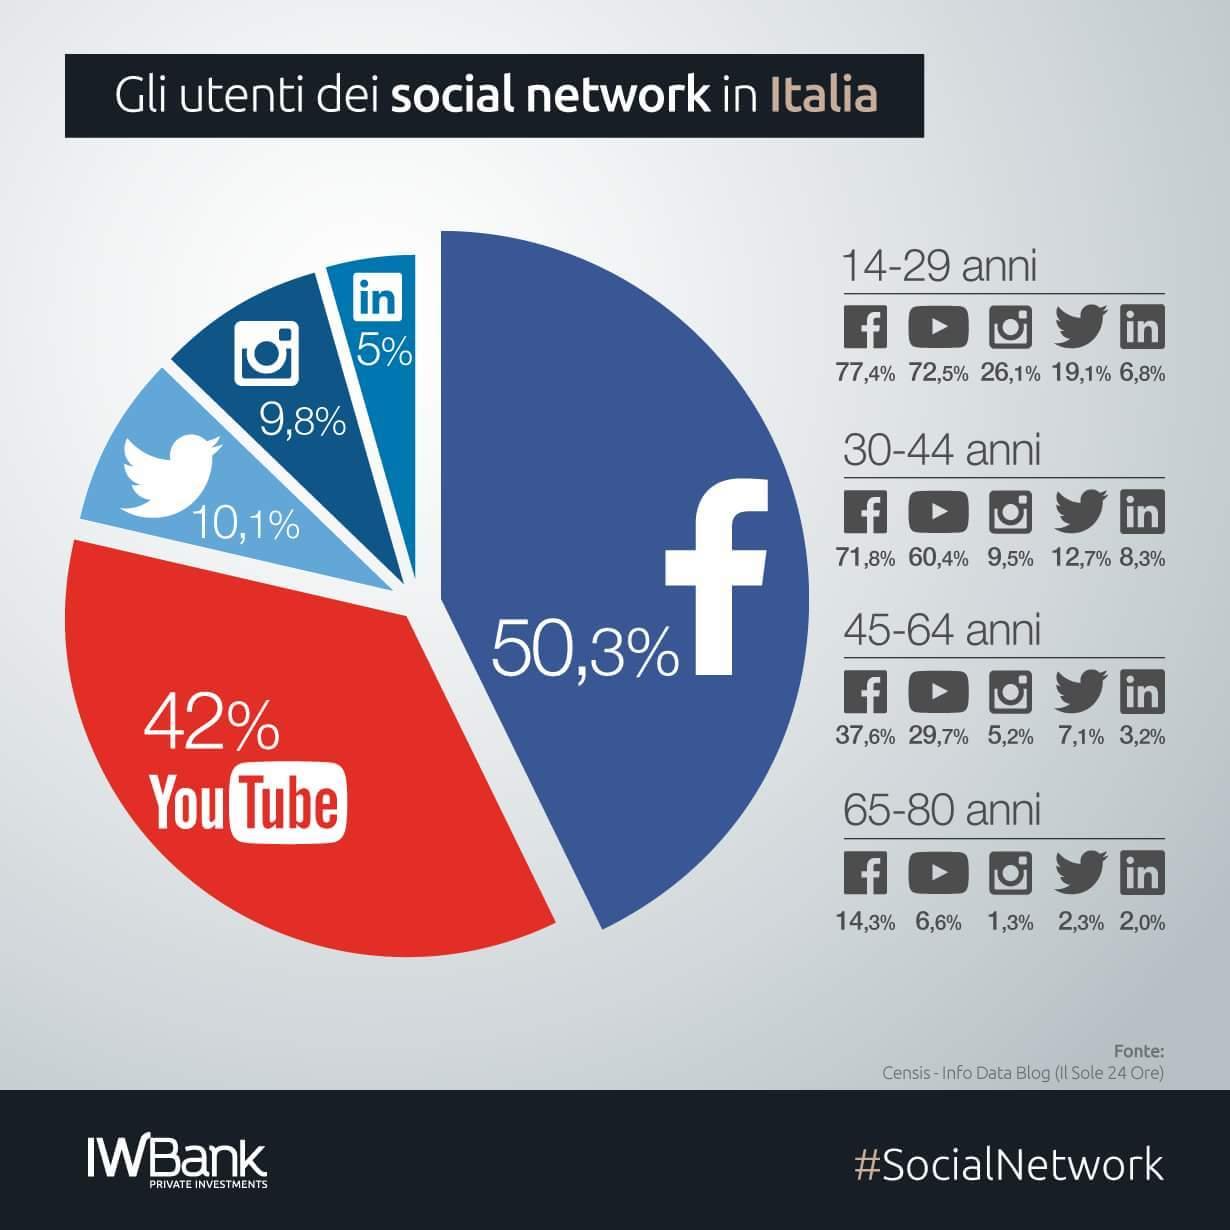 Uso dei social network in Italia